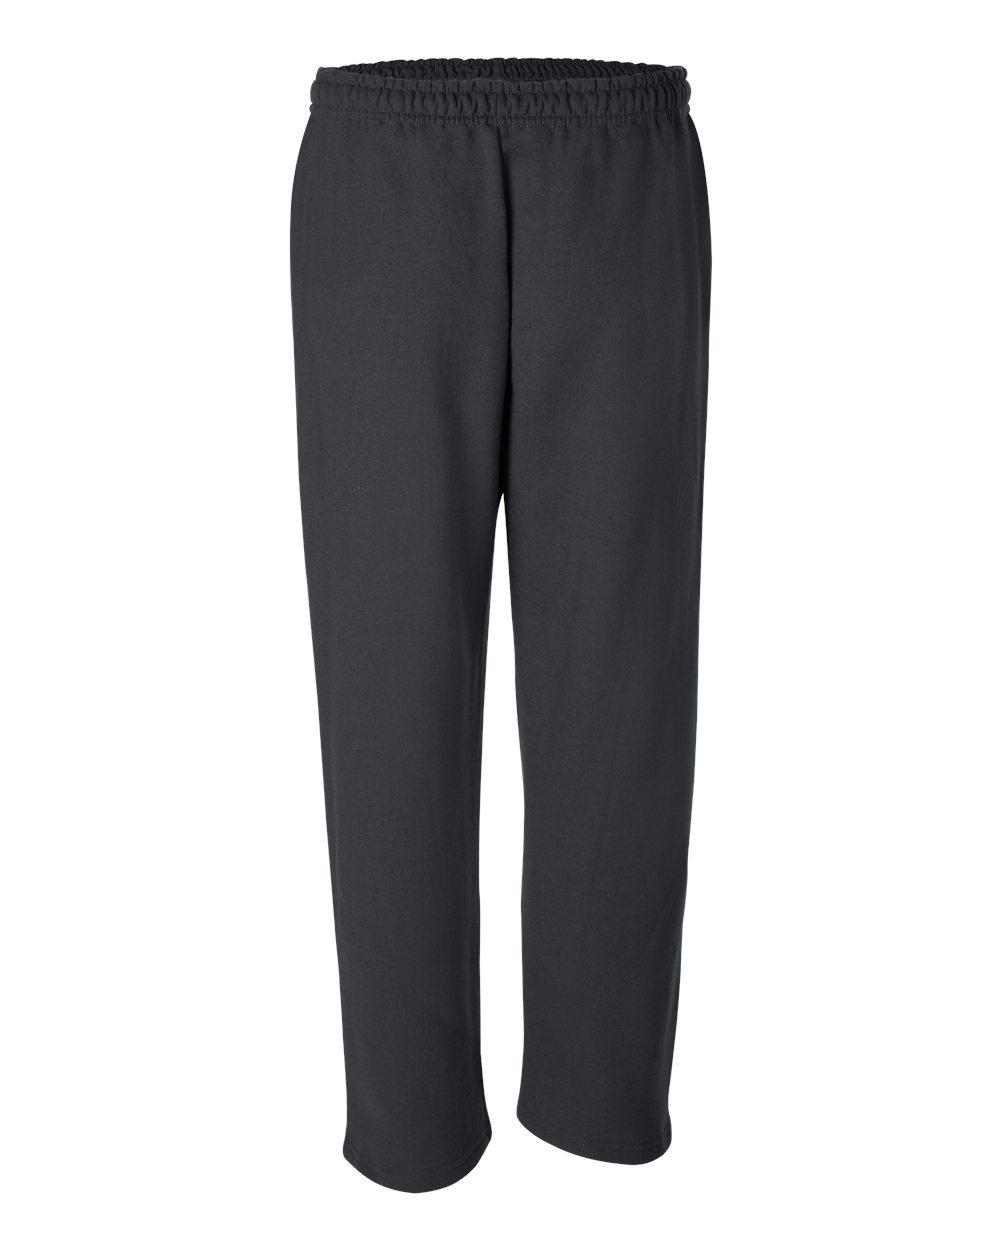 Gildan-Mens-DryBlend-Open-Bottom-Pocket-Sweatpants-12300-up-to-2XL thumbnail 7